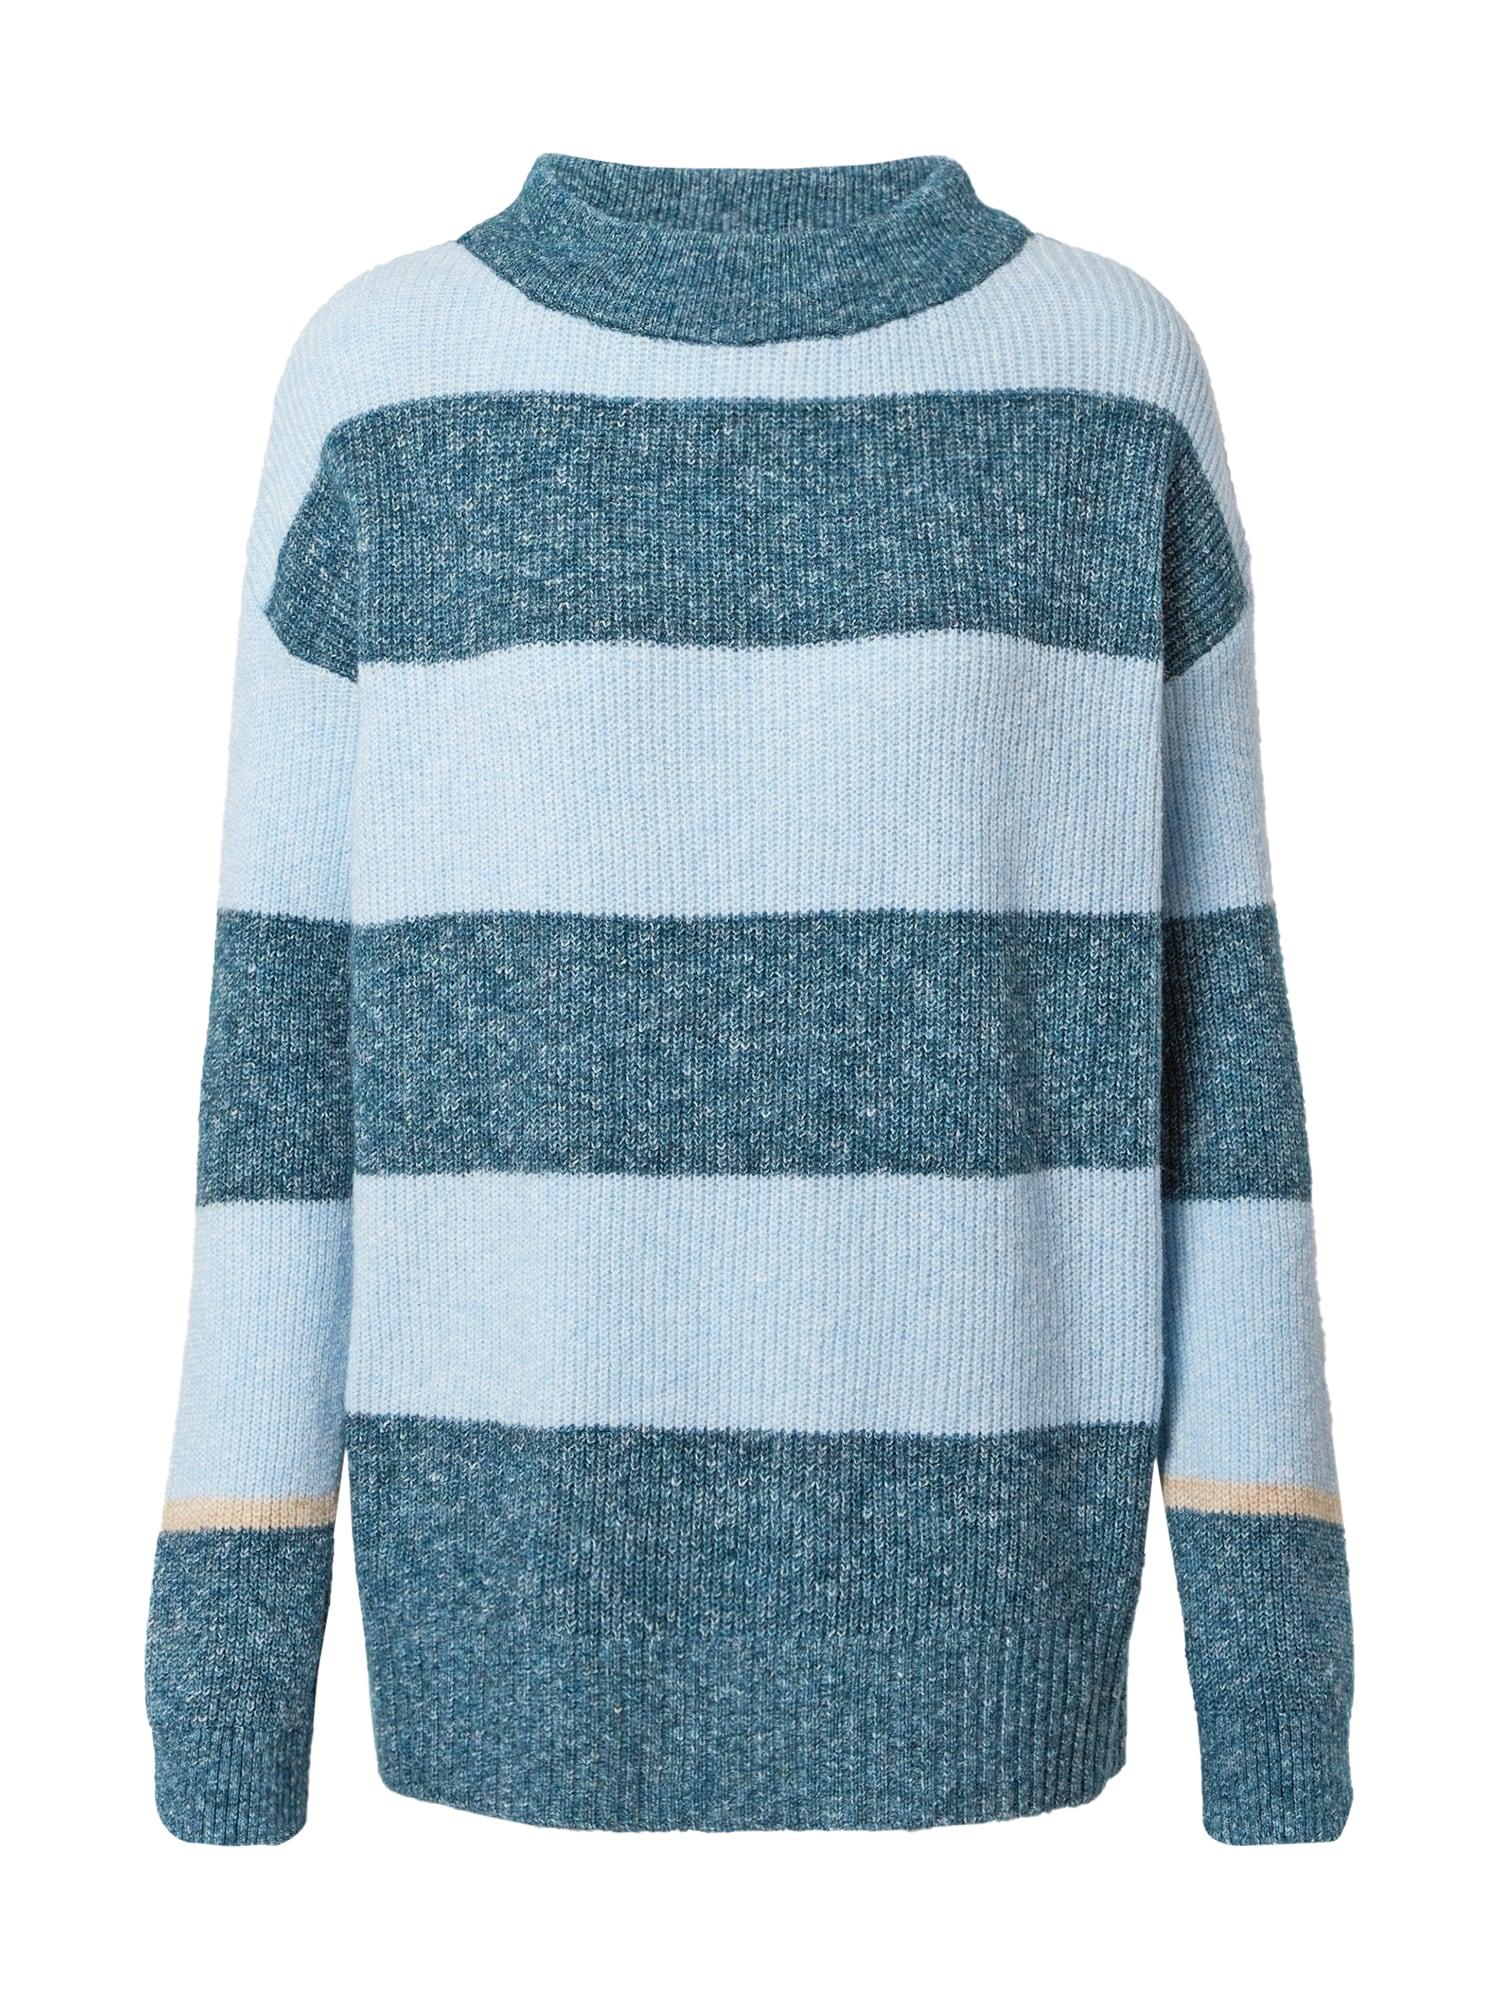 CECIL Megztinis margai mėlyna / smėlio